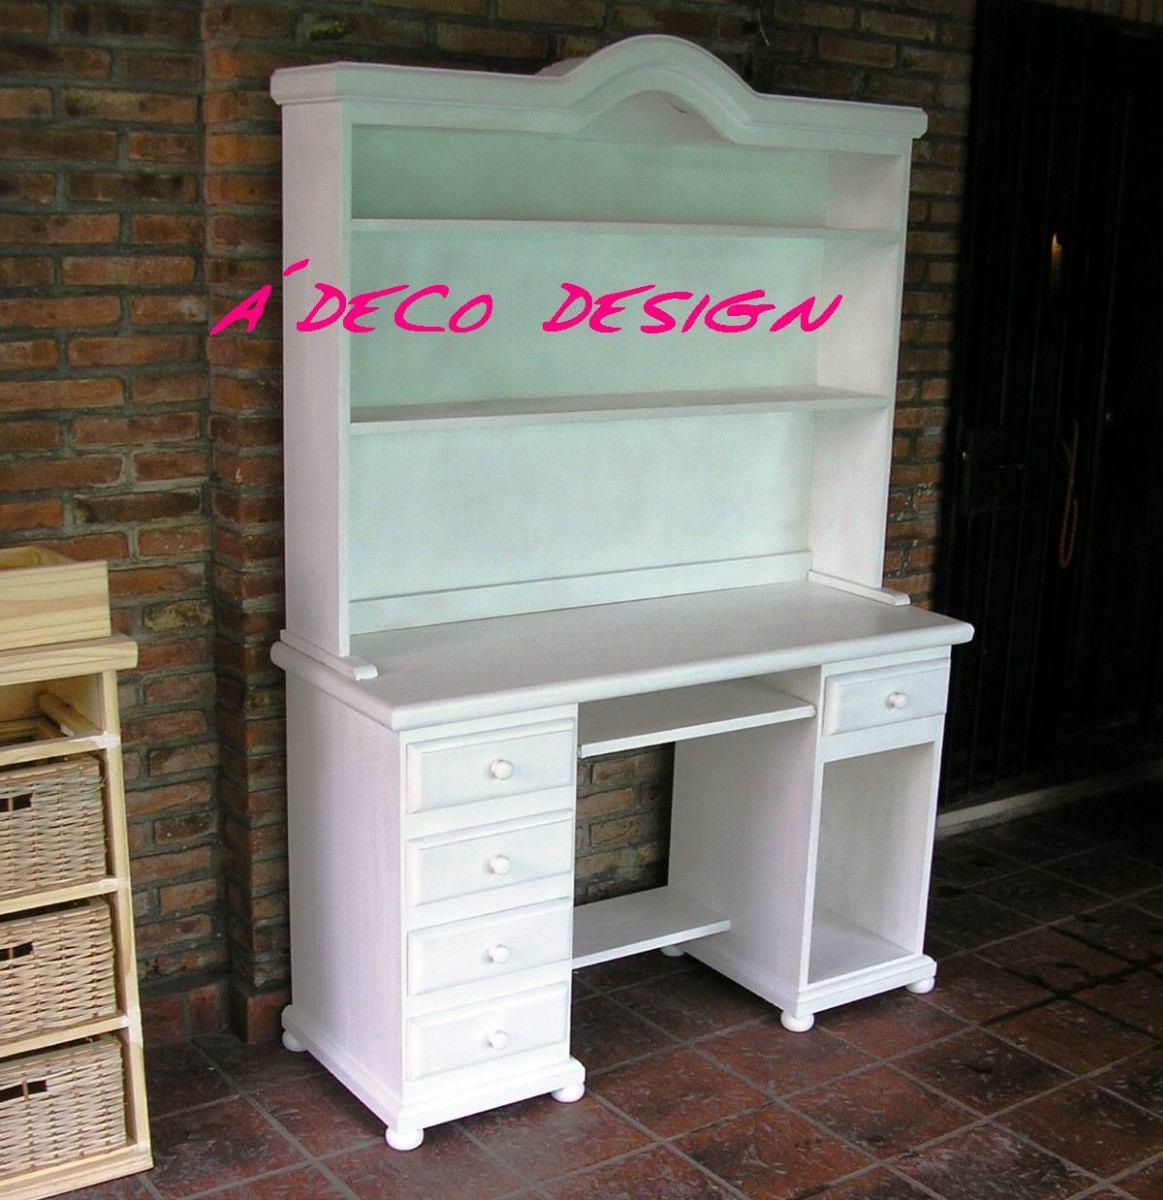 Mercadolibre Argentina Muebles Para Bebe Cddigi Com # Muebles Laqueados Infantiles